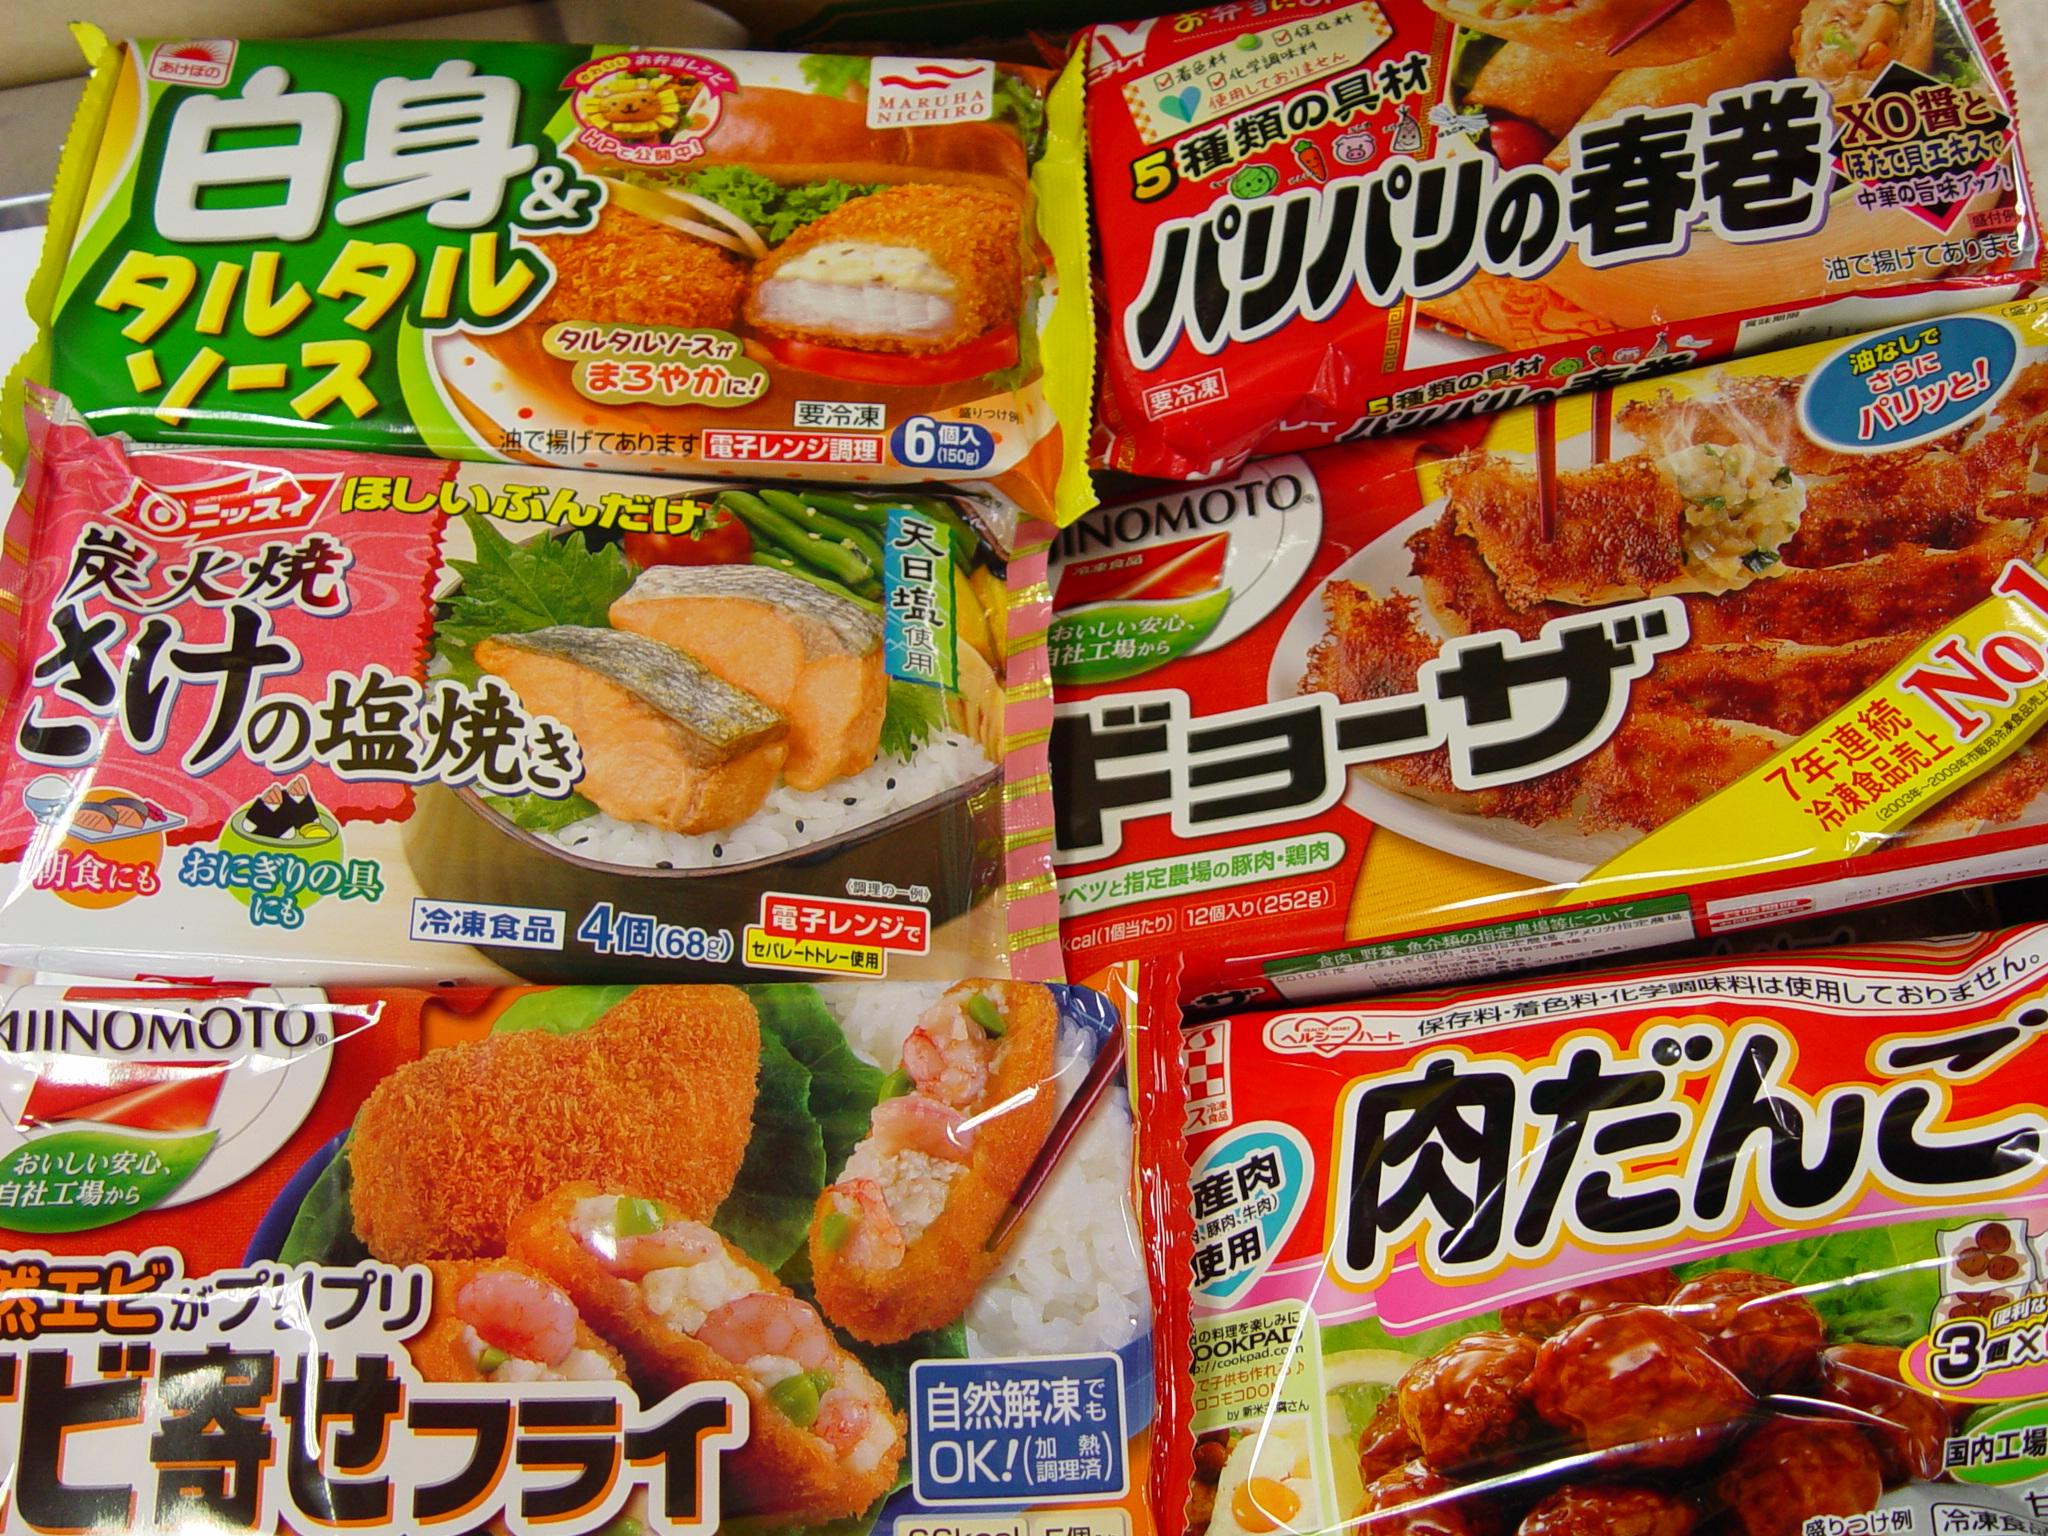 主婦の味方の冷凍食品。安全に美味しく食べれる賞味期限はいつまで?のサムネイル画像